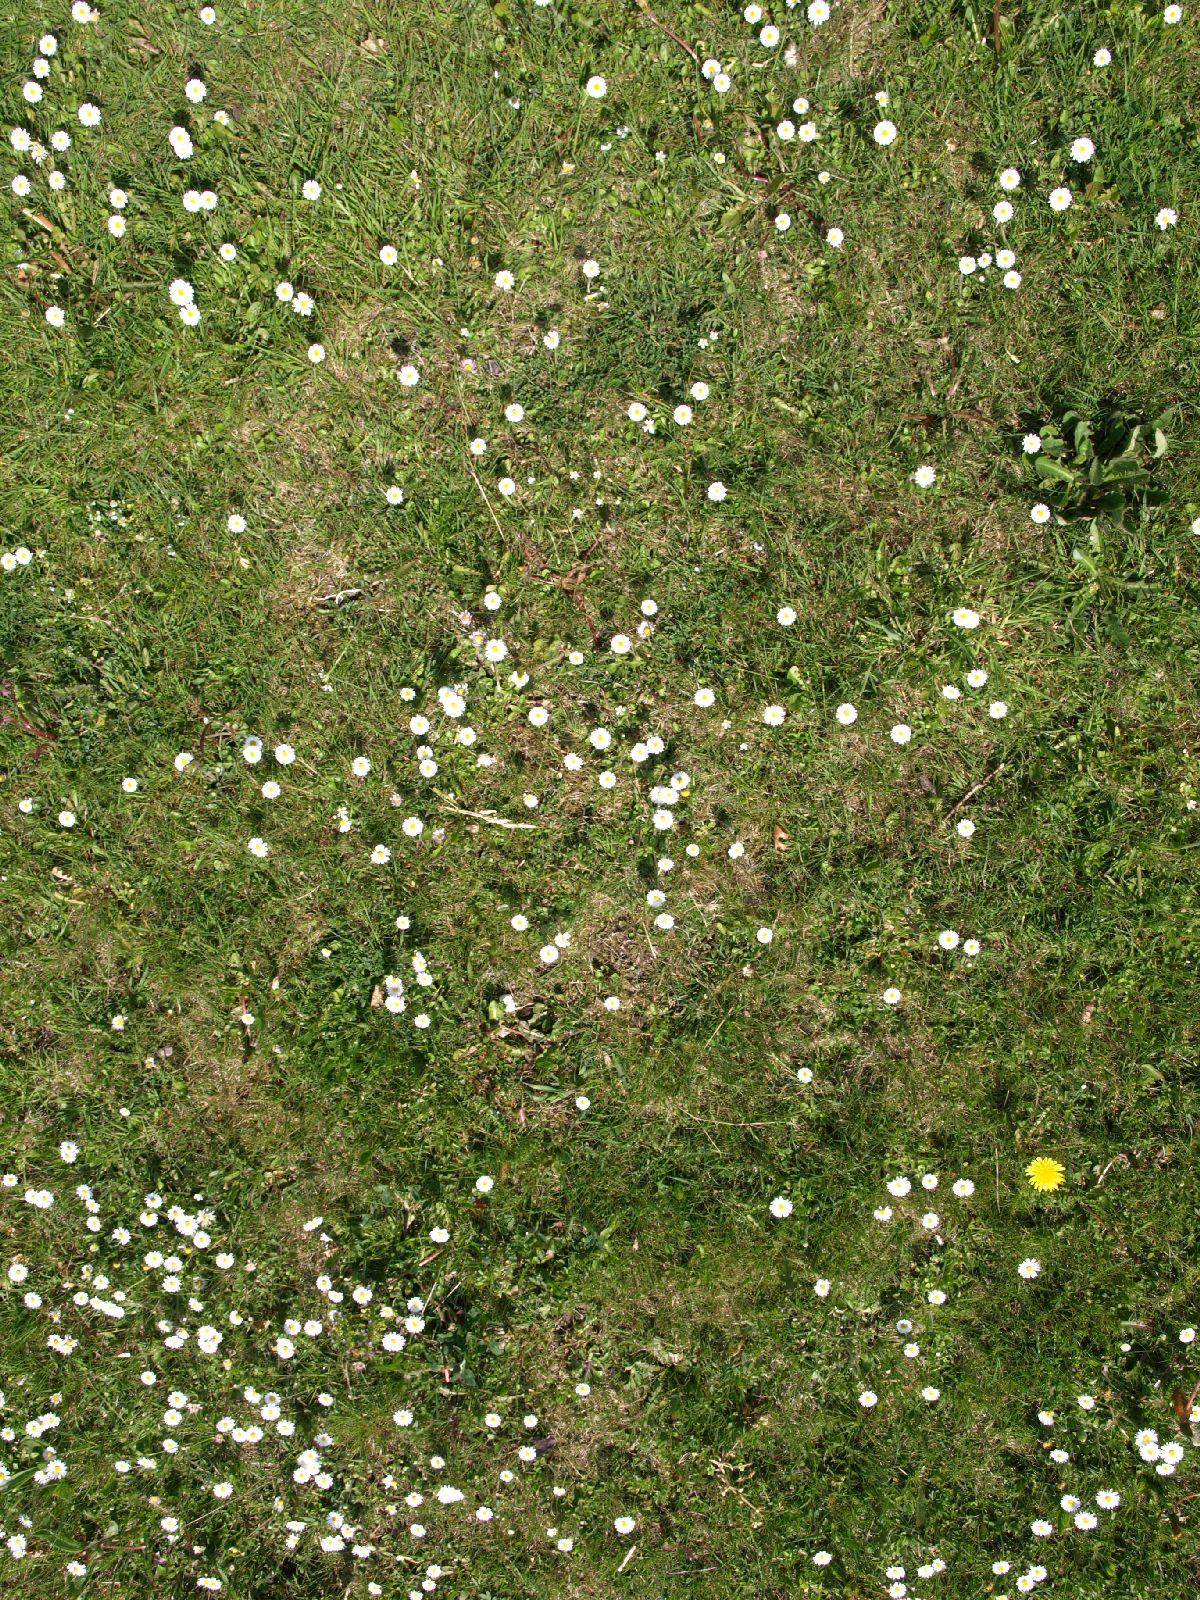 Boden-Gras-Moos-Blumen_Textur_A_P5042451